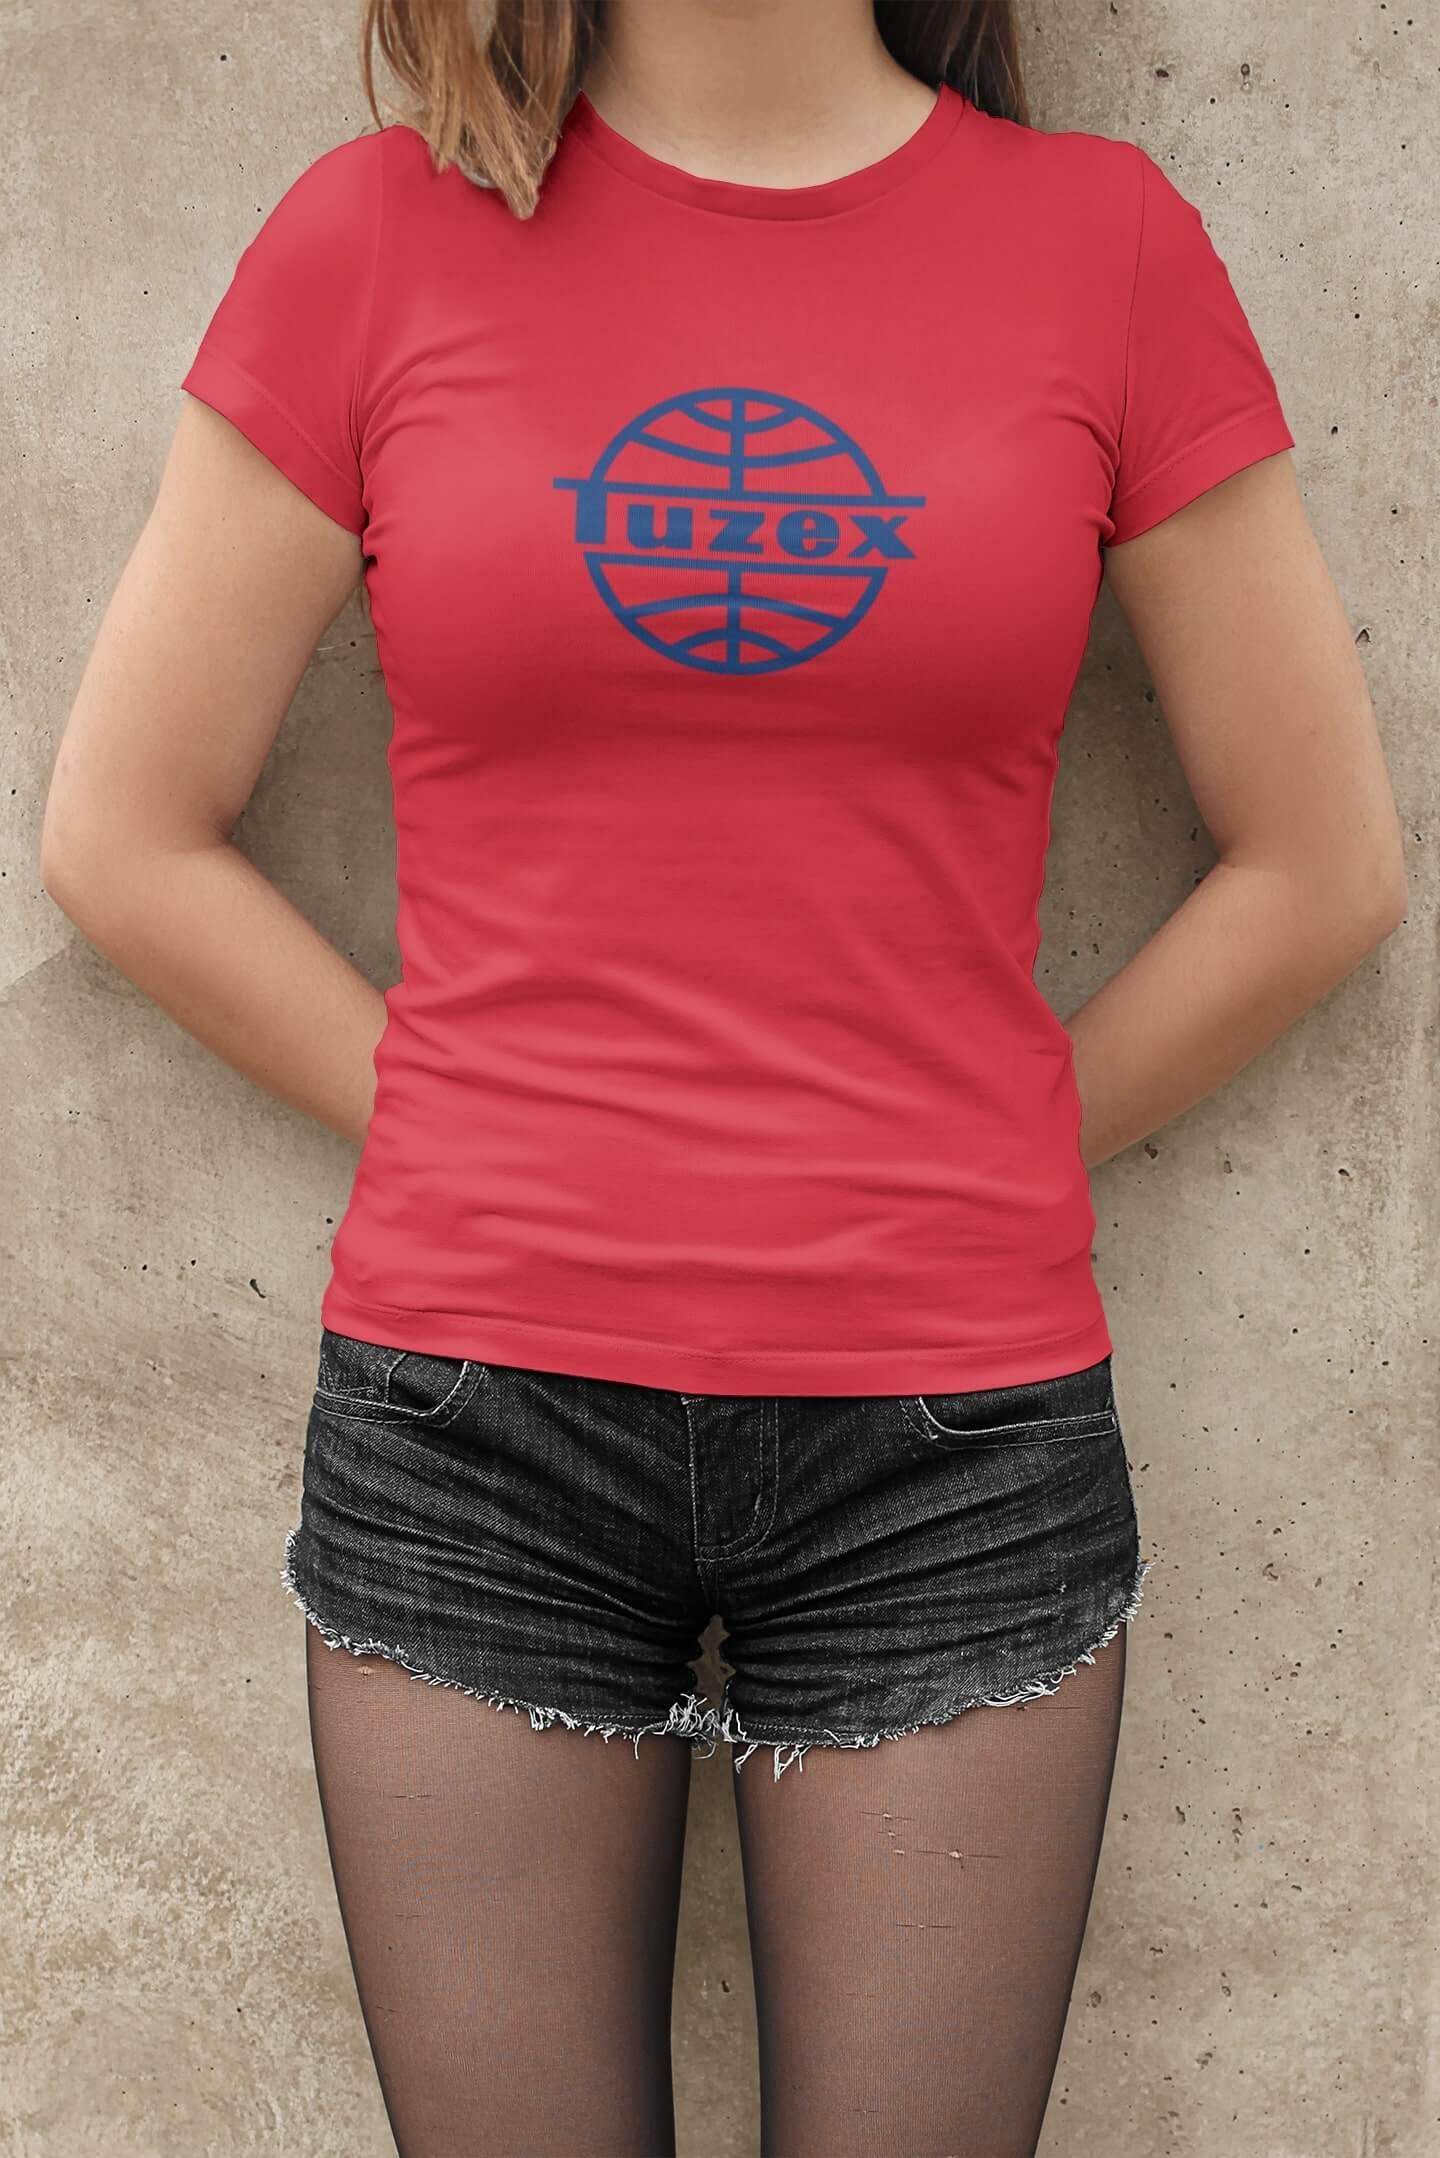 MMO Dámske tričko TUZEX Vyberte farbu: Červená, Dámska veľkosť: M